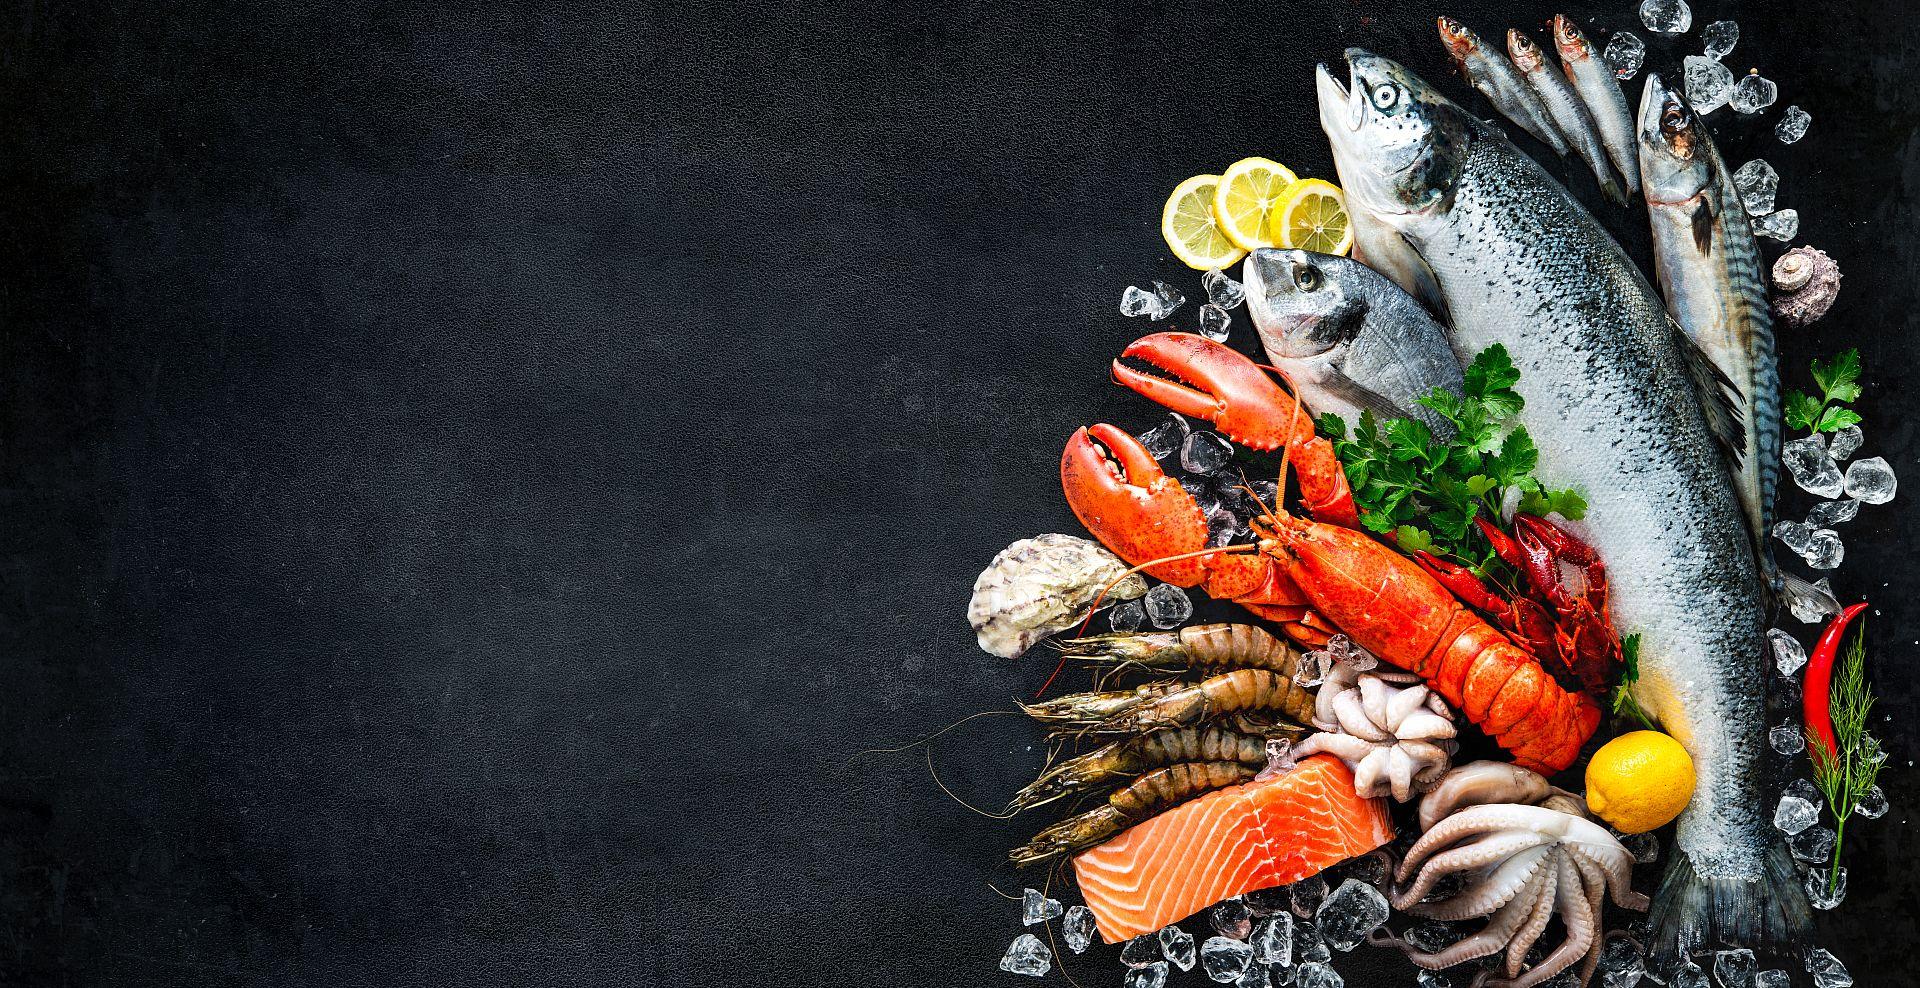 Čerstvé ryby a seafood